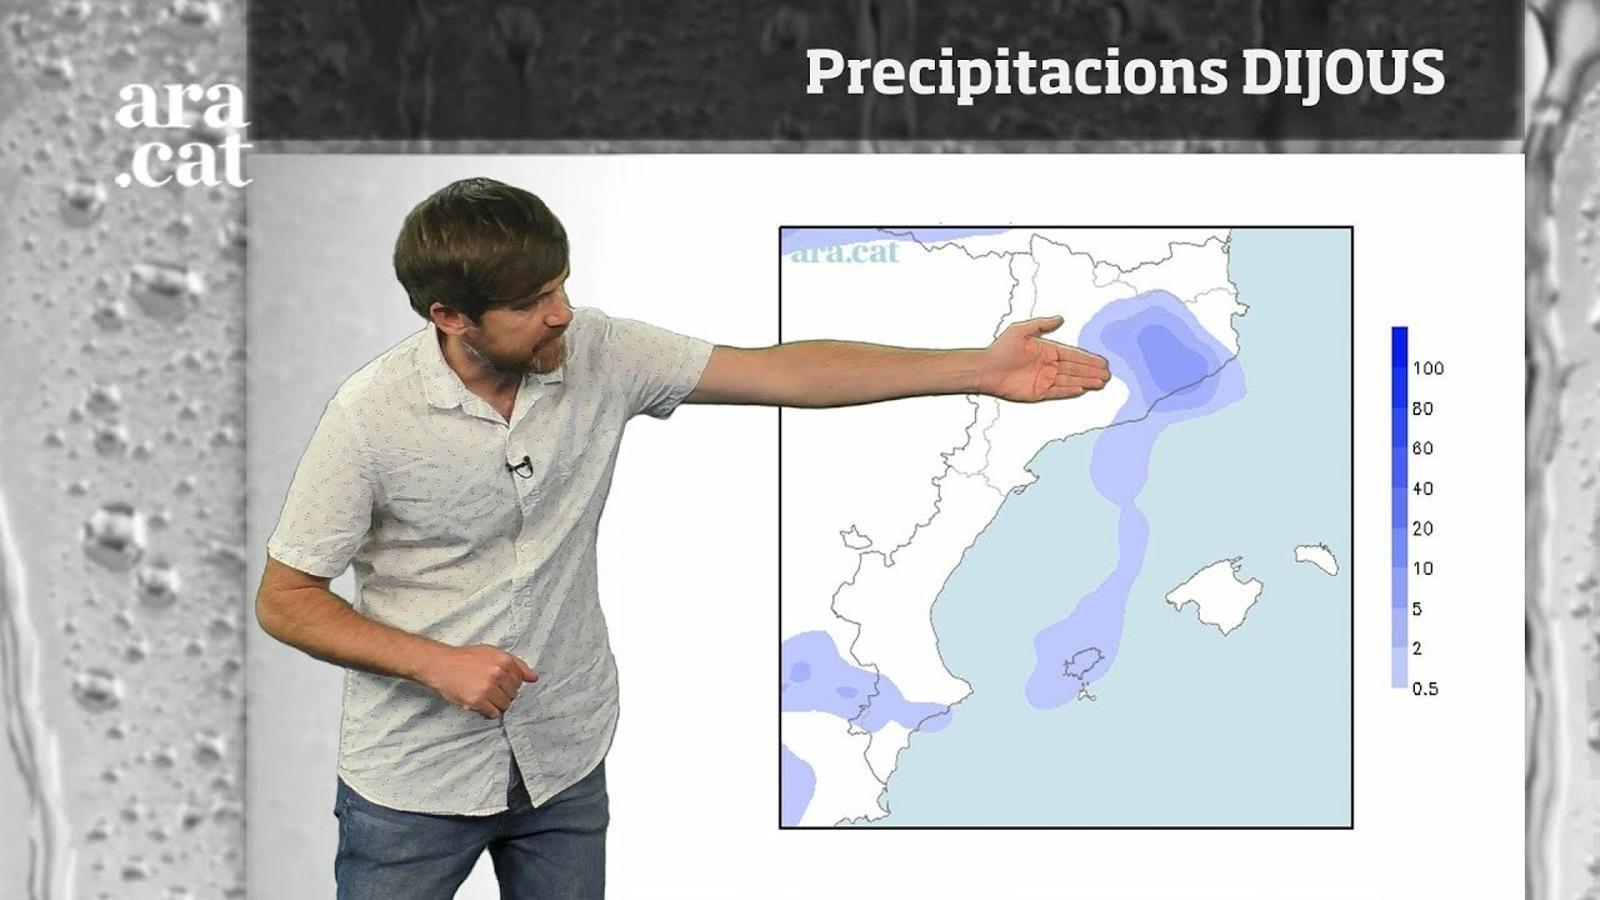 La méteo en 1 minut: ruixats localment forts i temperatures més baixes